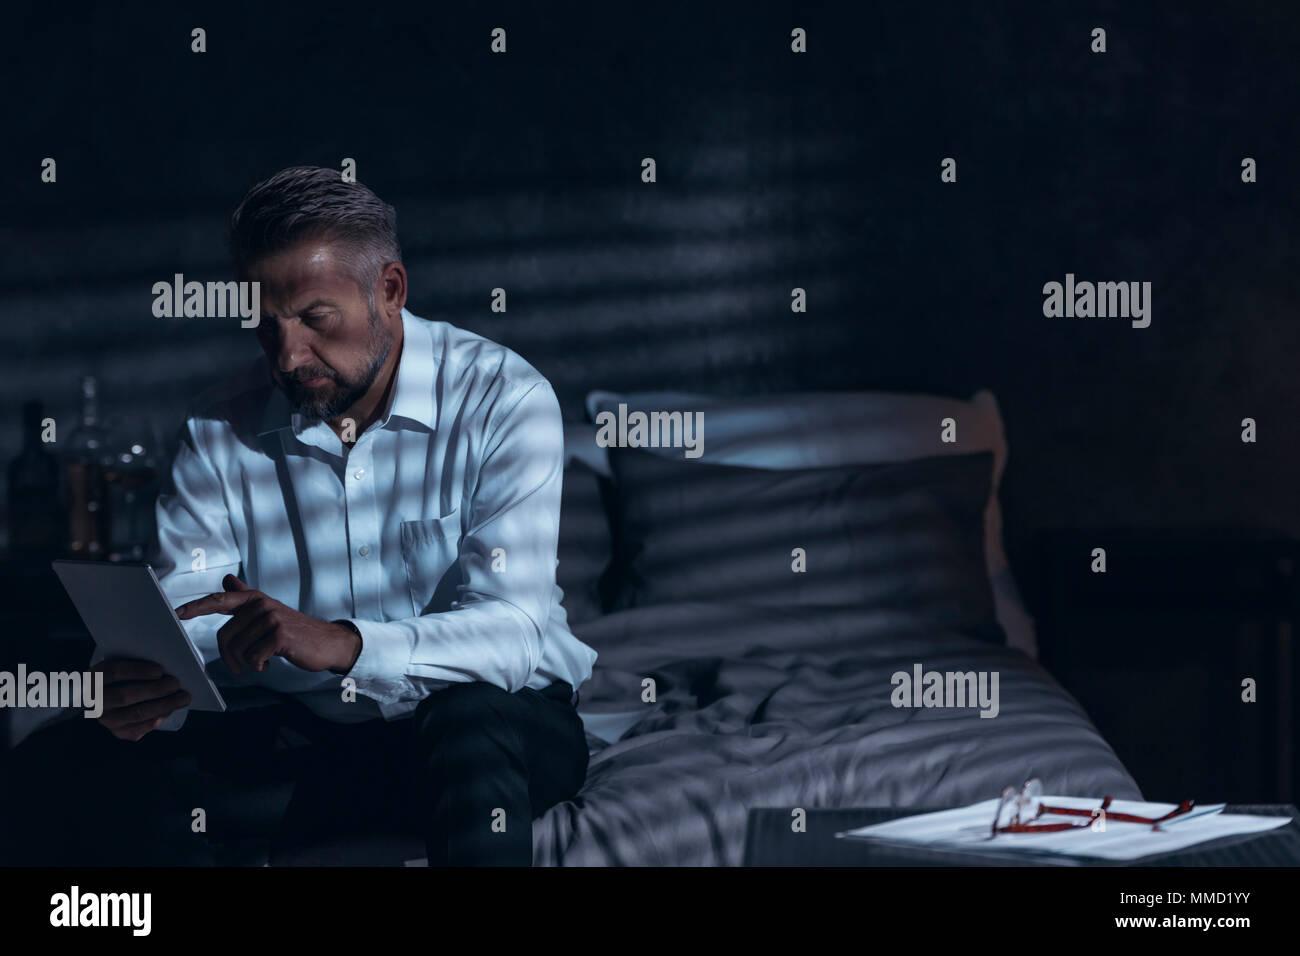 Agotado varones de mediana edad sentado en una cama en una habitación de hotel por la noche y mirar dentro de un bloc de notas durante su viaje de negocios corporativos Imagen De Stock